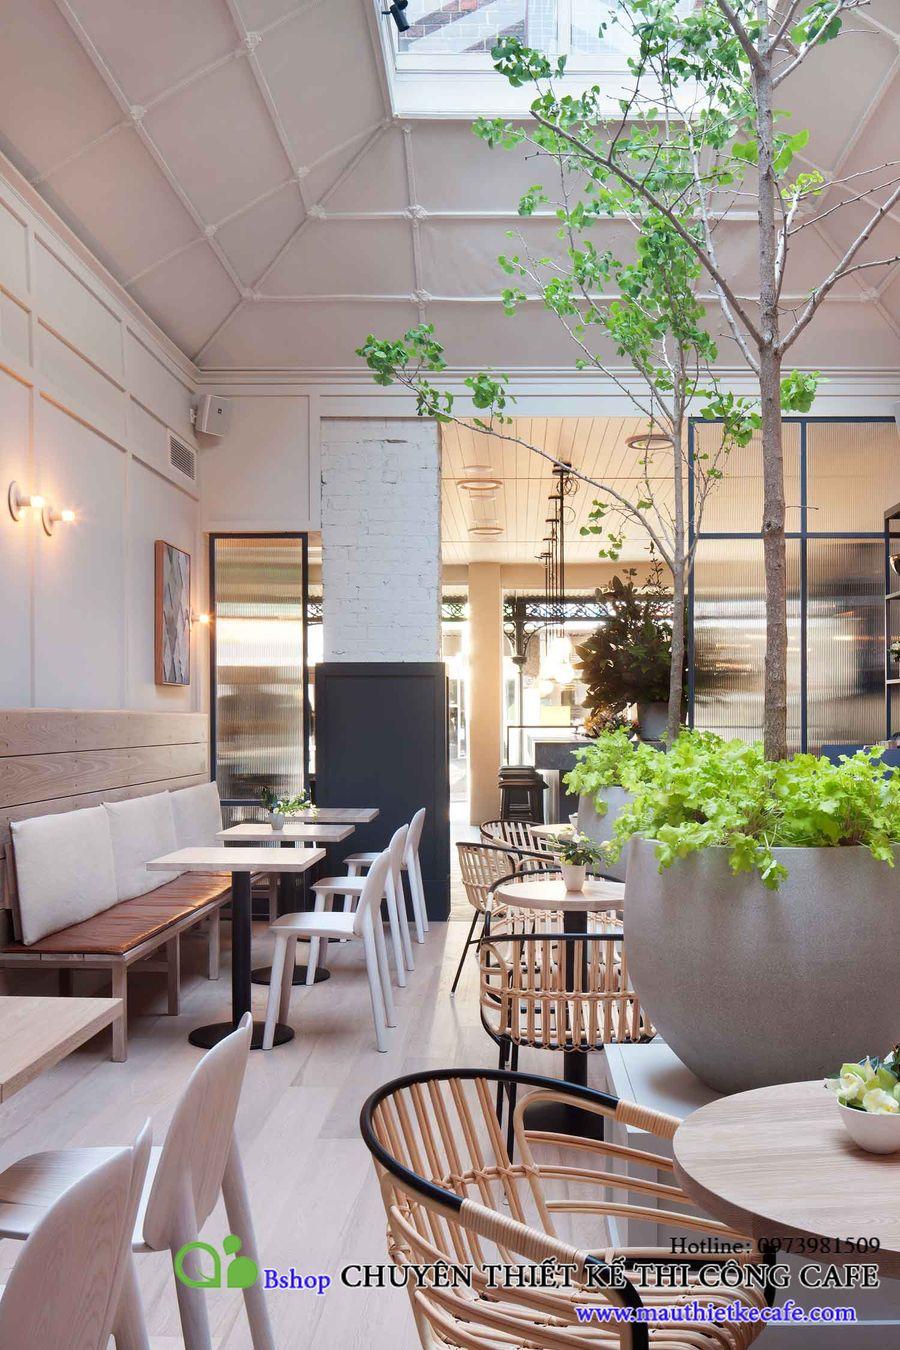 cafe bar danh cho teen (5)mauthietkecafe.com